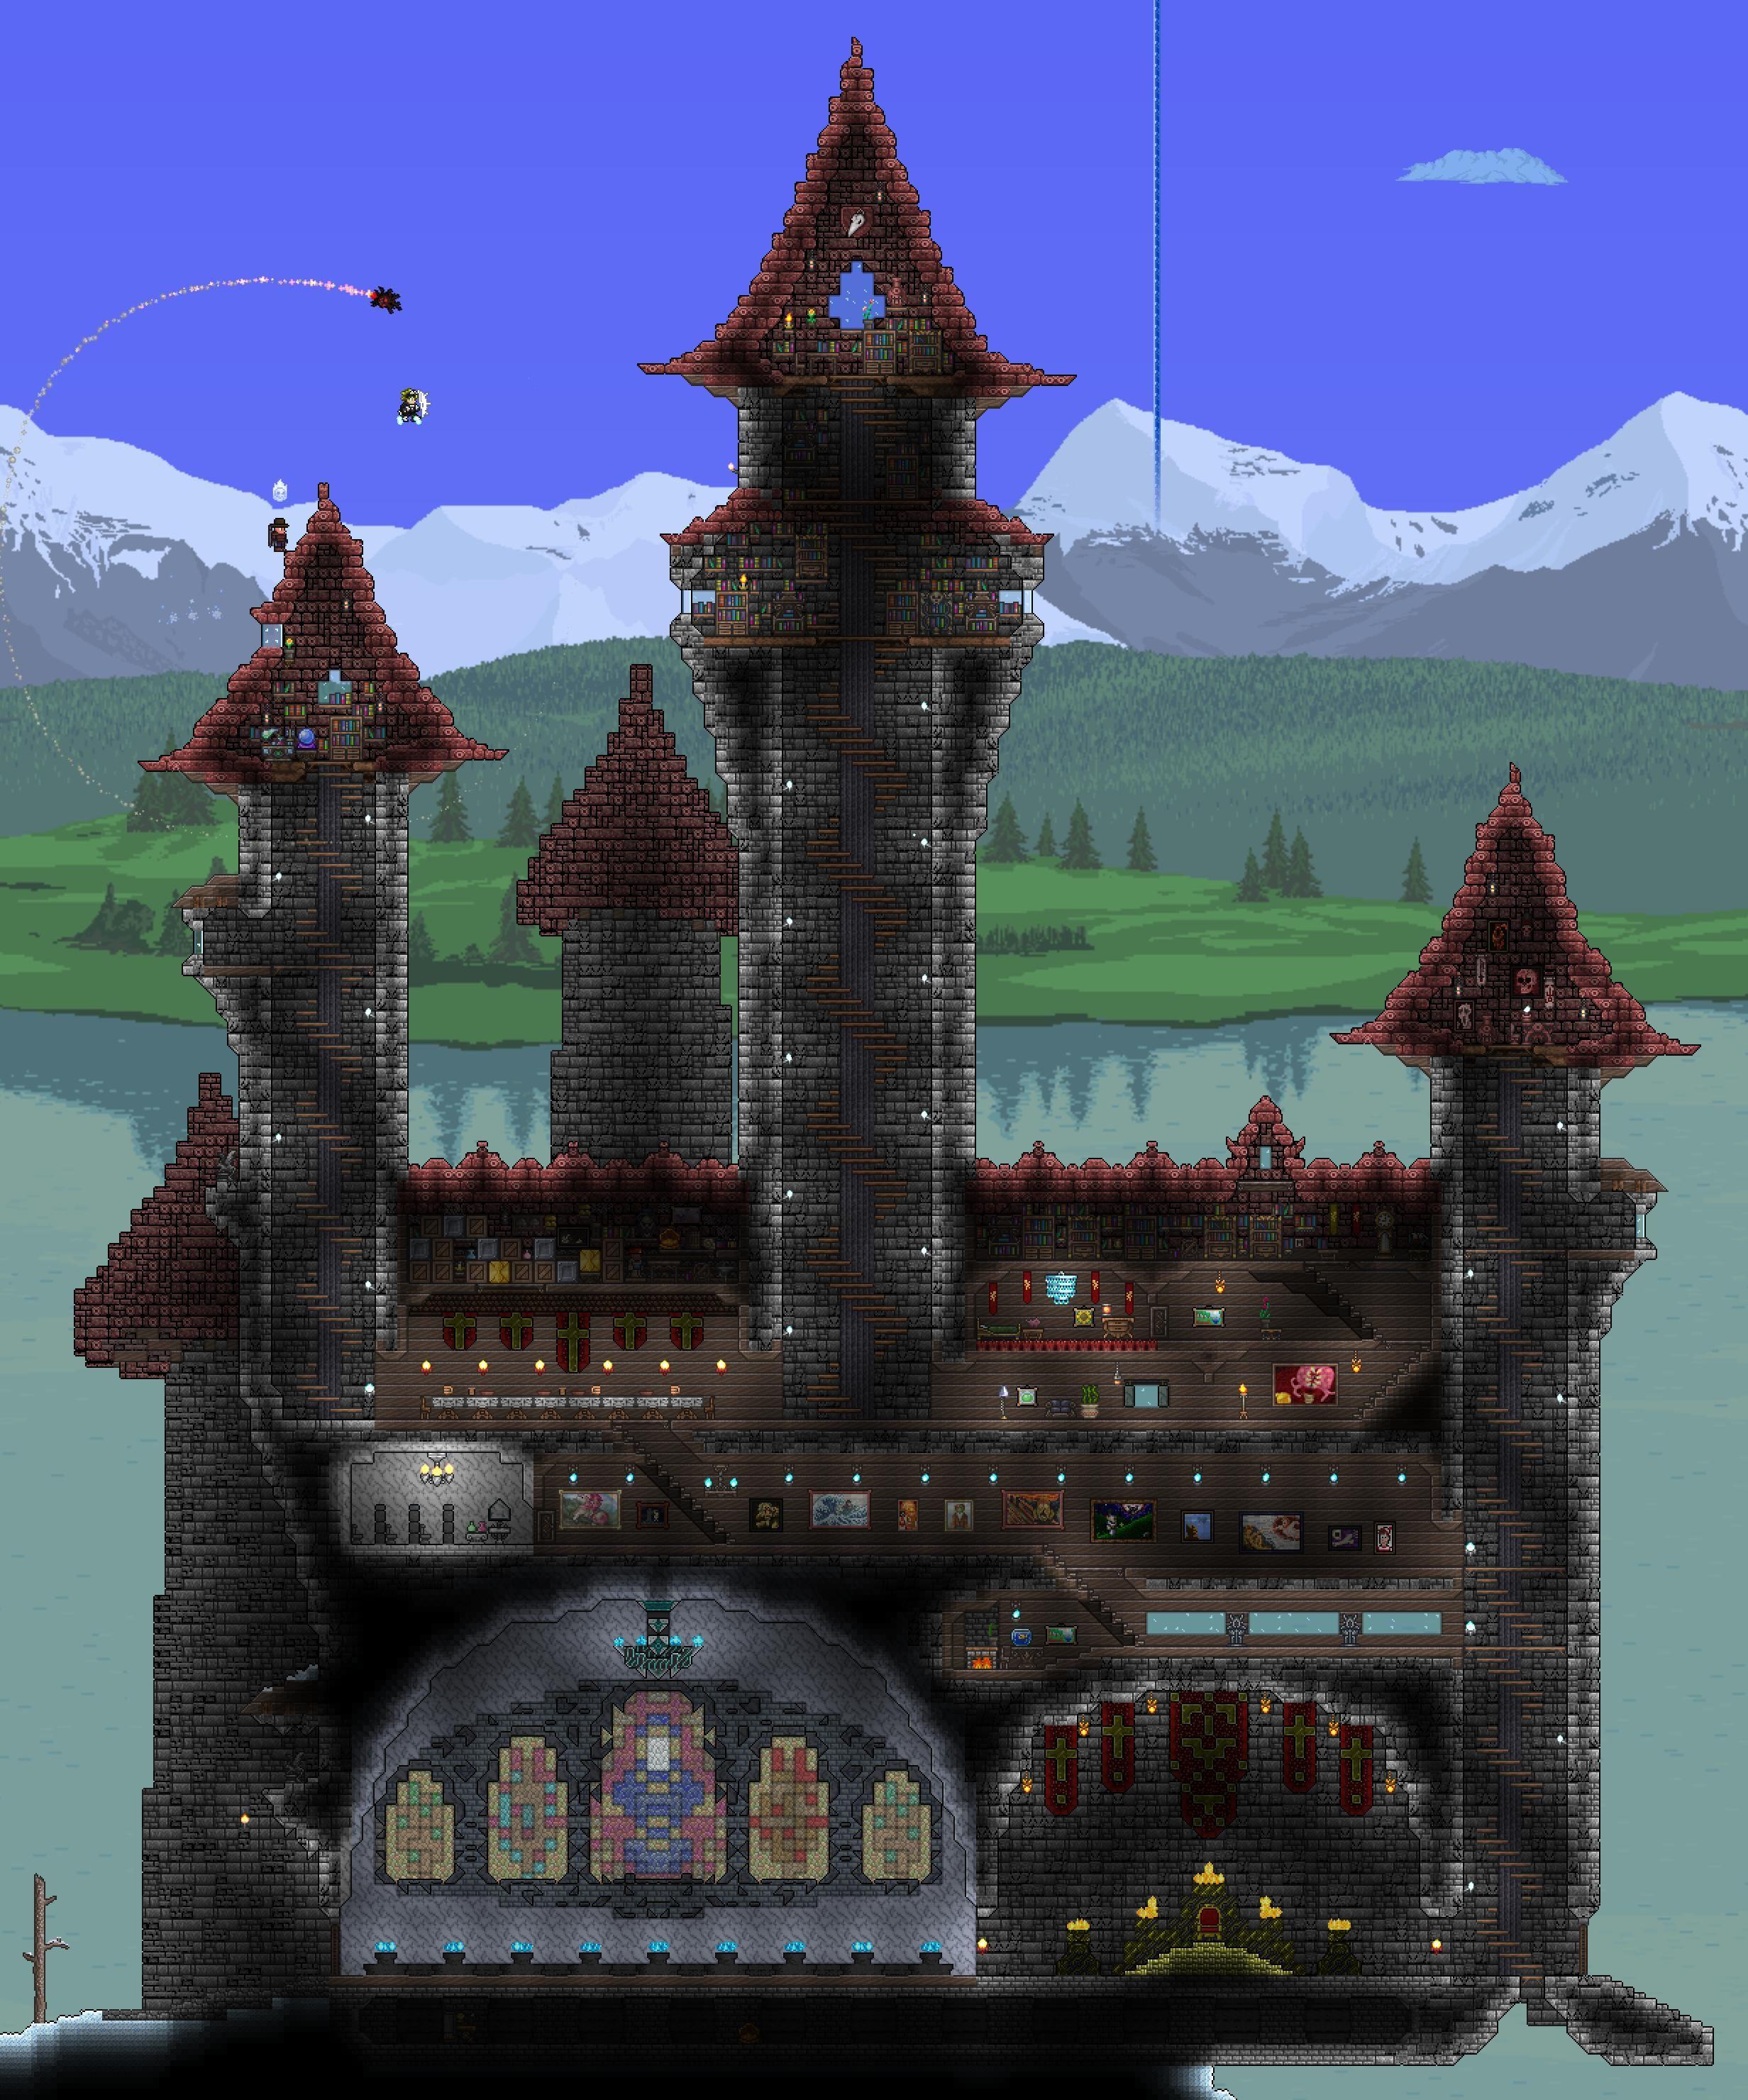 Inspirierend Minecraft Baumhaus Bauplan Ideen